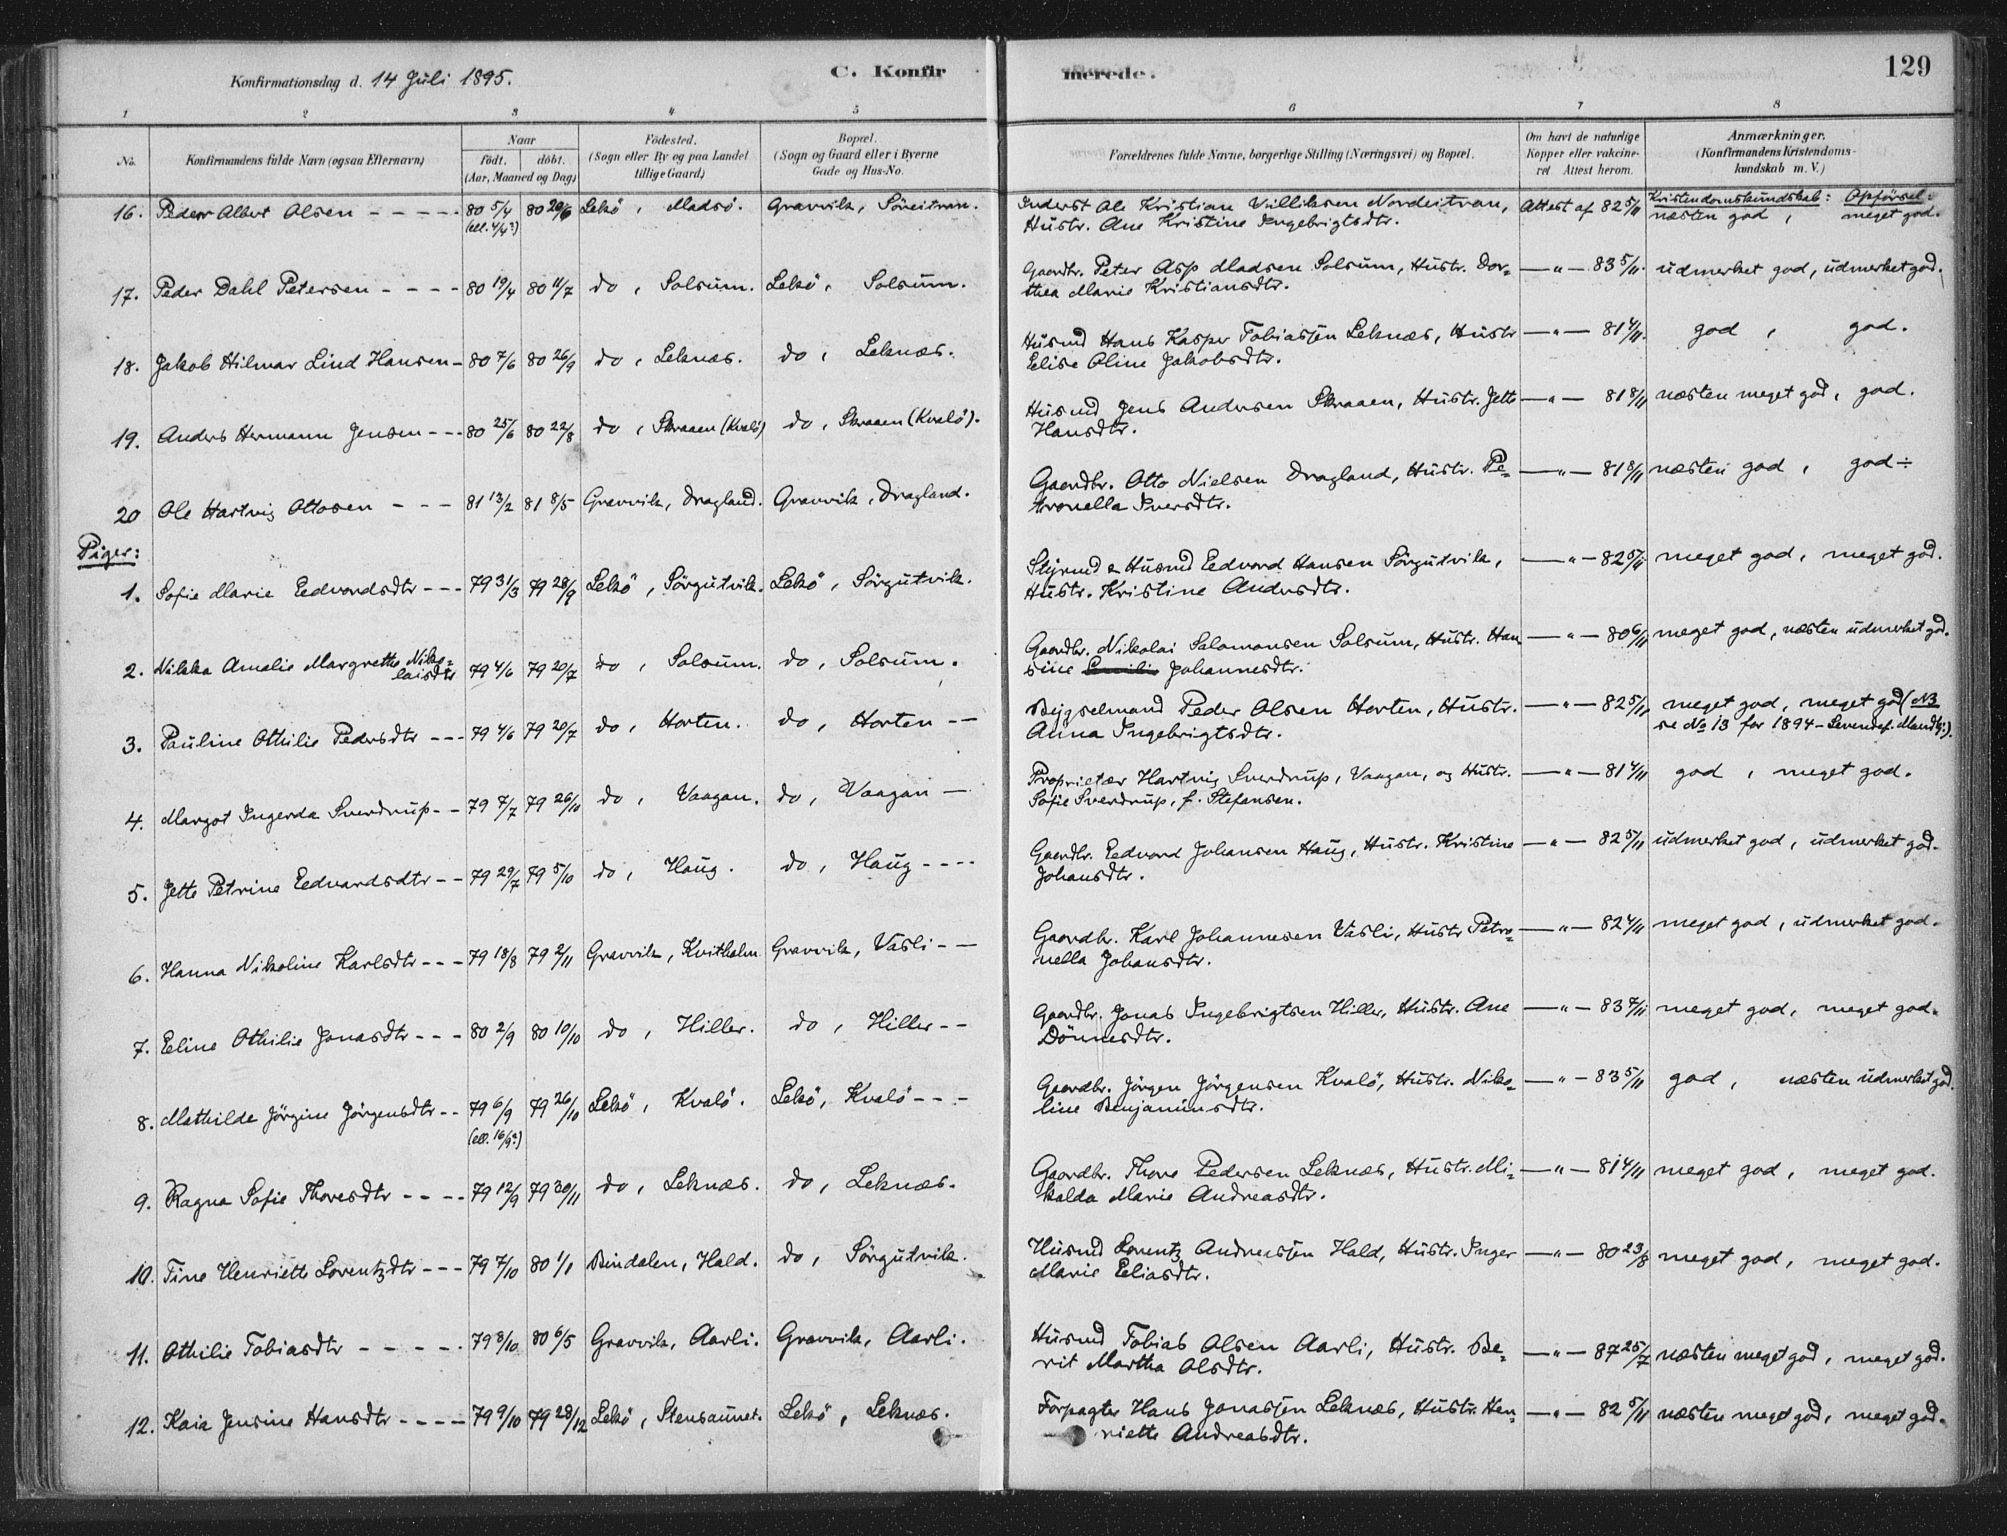 SAT, Ministerialprotokoller, klokkerbøker og fødselsregistre - Nord-Trøndelag, 788/L0697: Parish register (official) no. 788A04, 1878-1902, p. 129